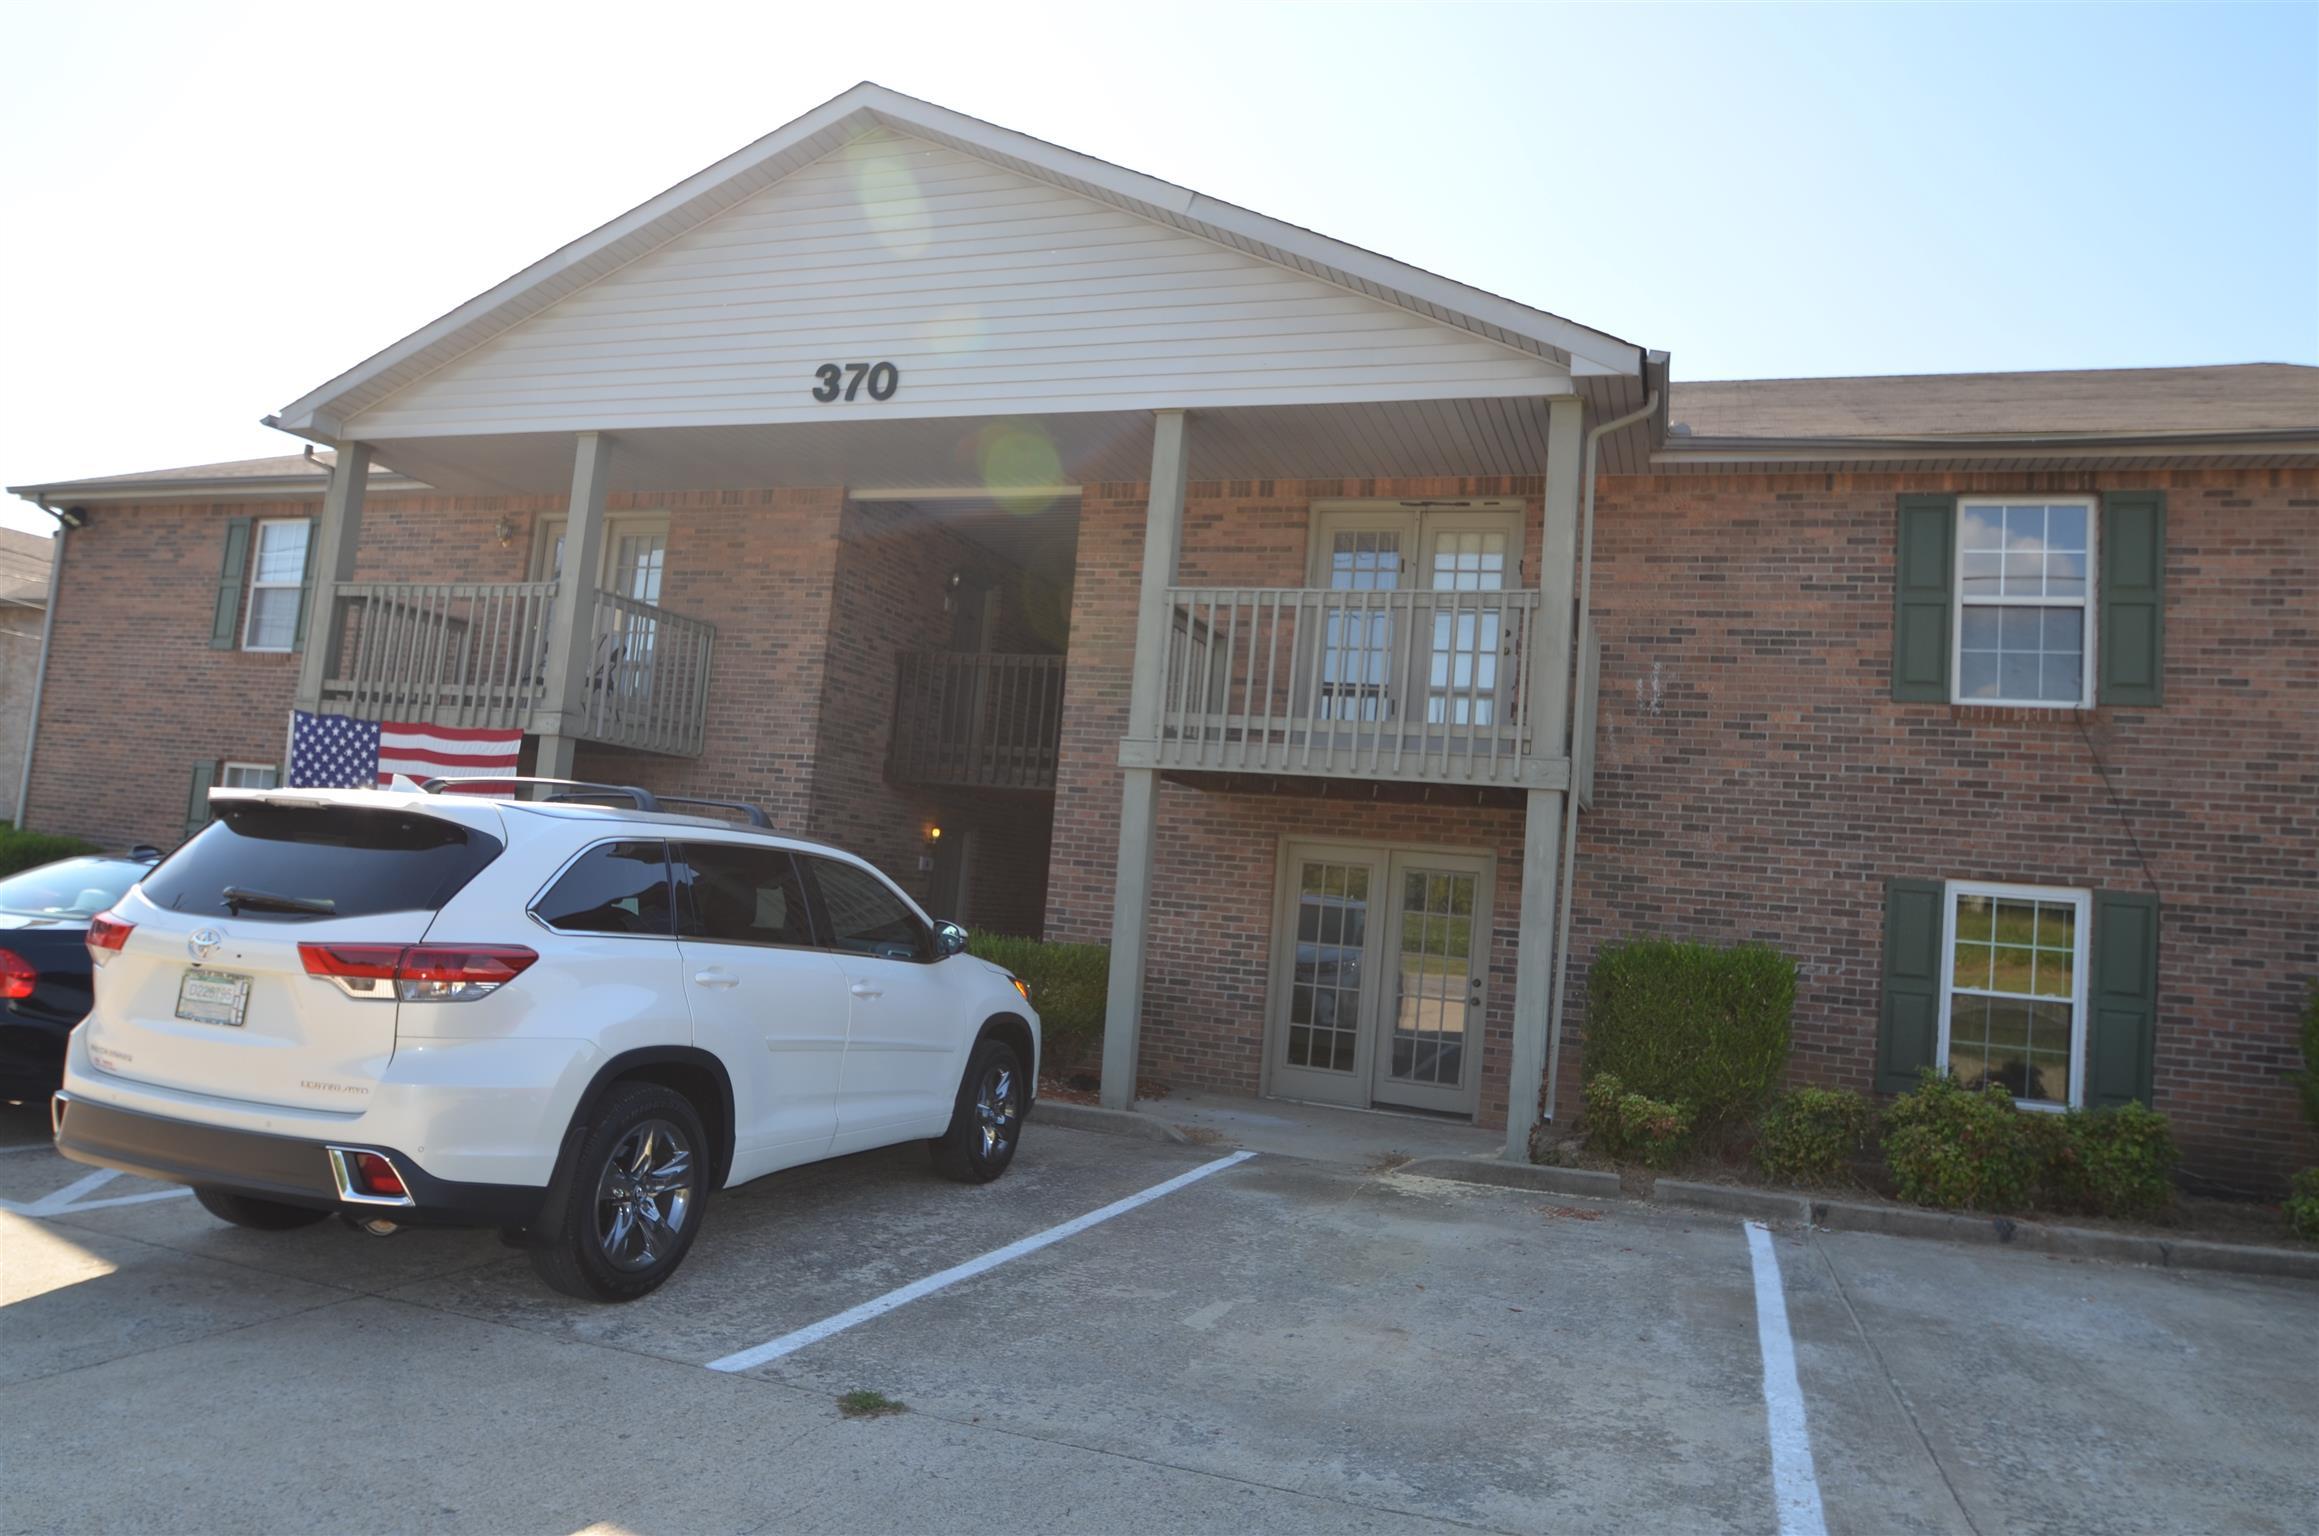 370 Jack Miller Blvd Apt H H, Clarksville, TN 37042